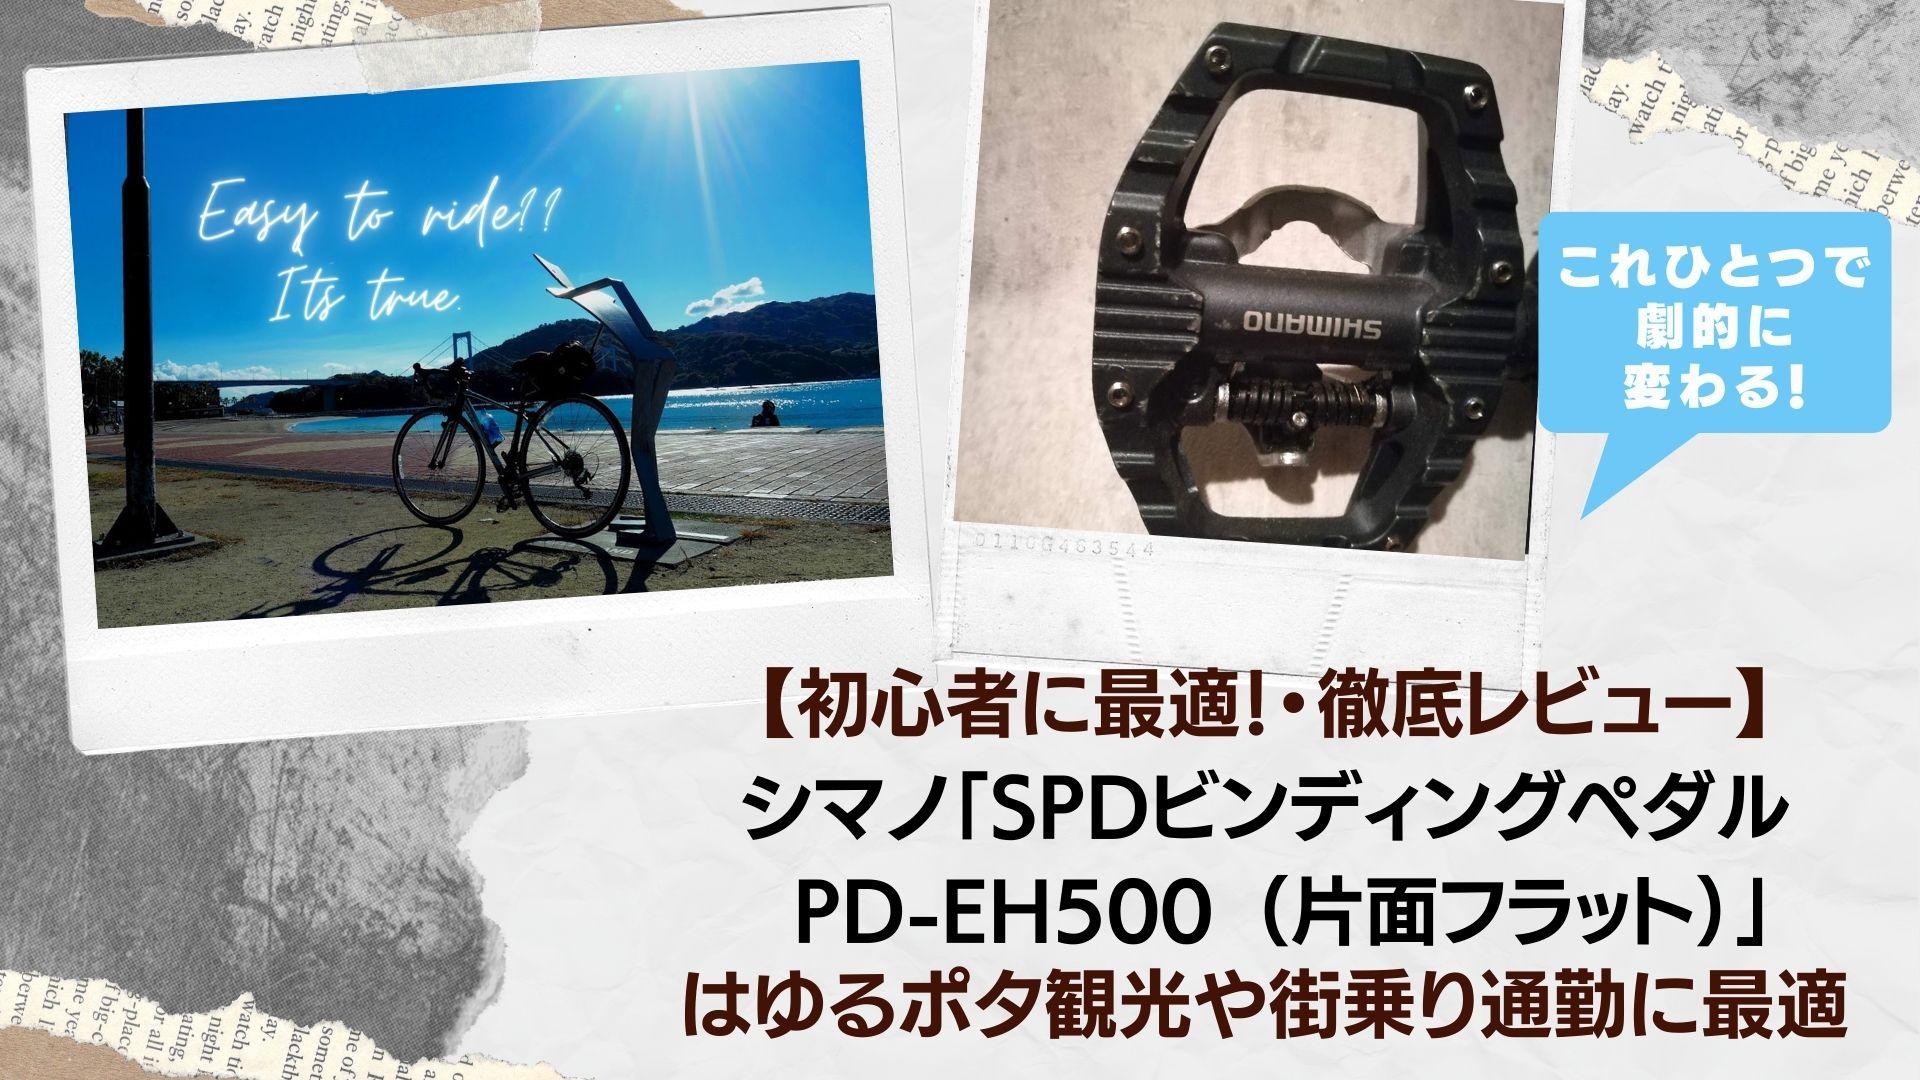 【初心者に最適!・徹底レビュー】シマノ「SPDビンディングペダル PD-EH500 (片面フラット)」はゆるポタ観光や街乗り通勤に最適